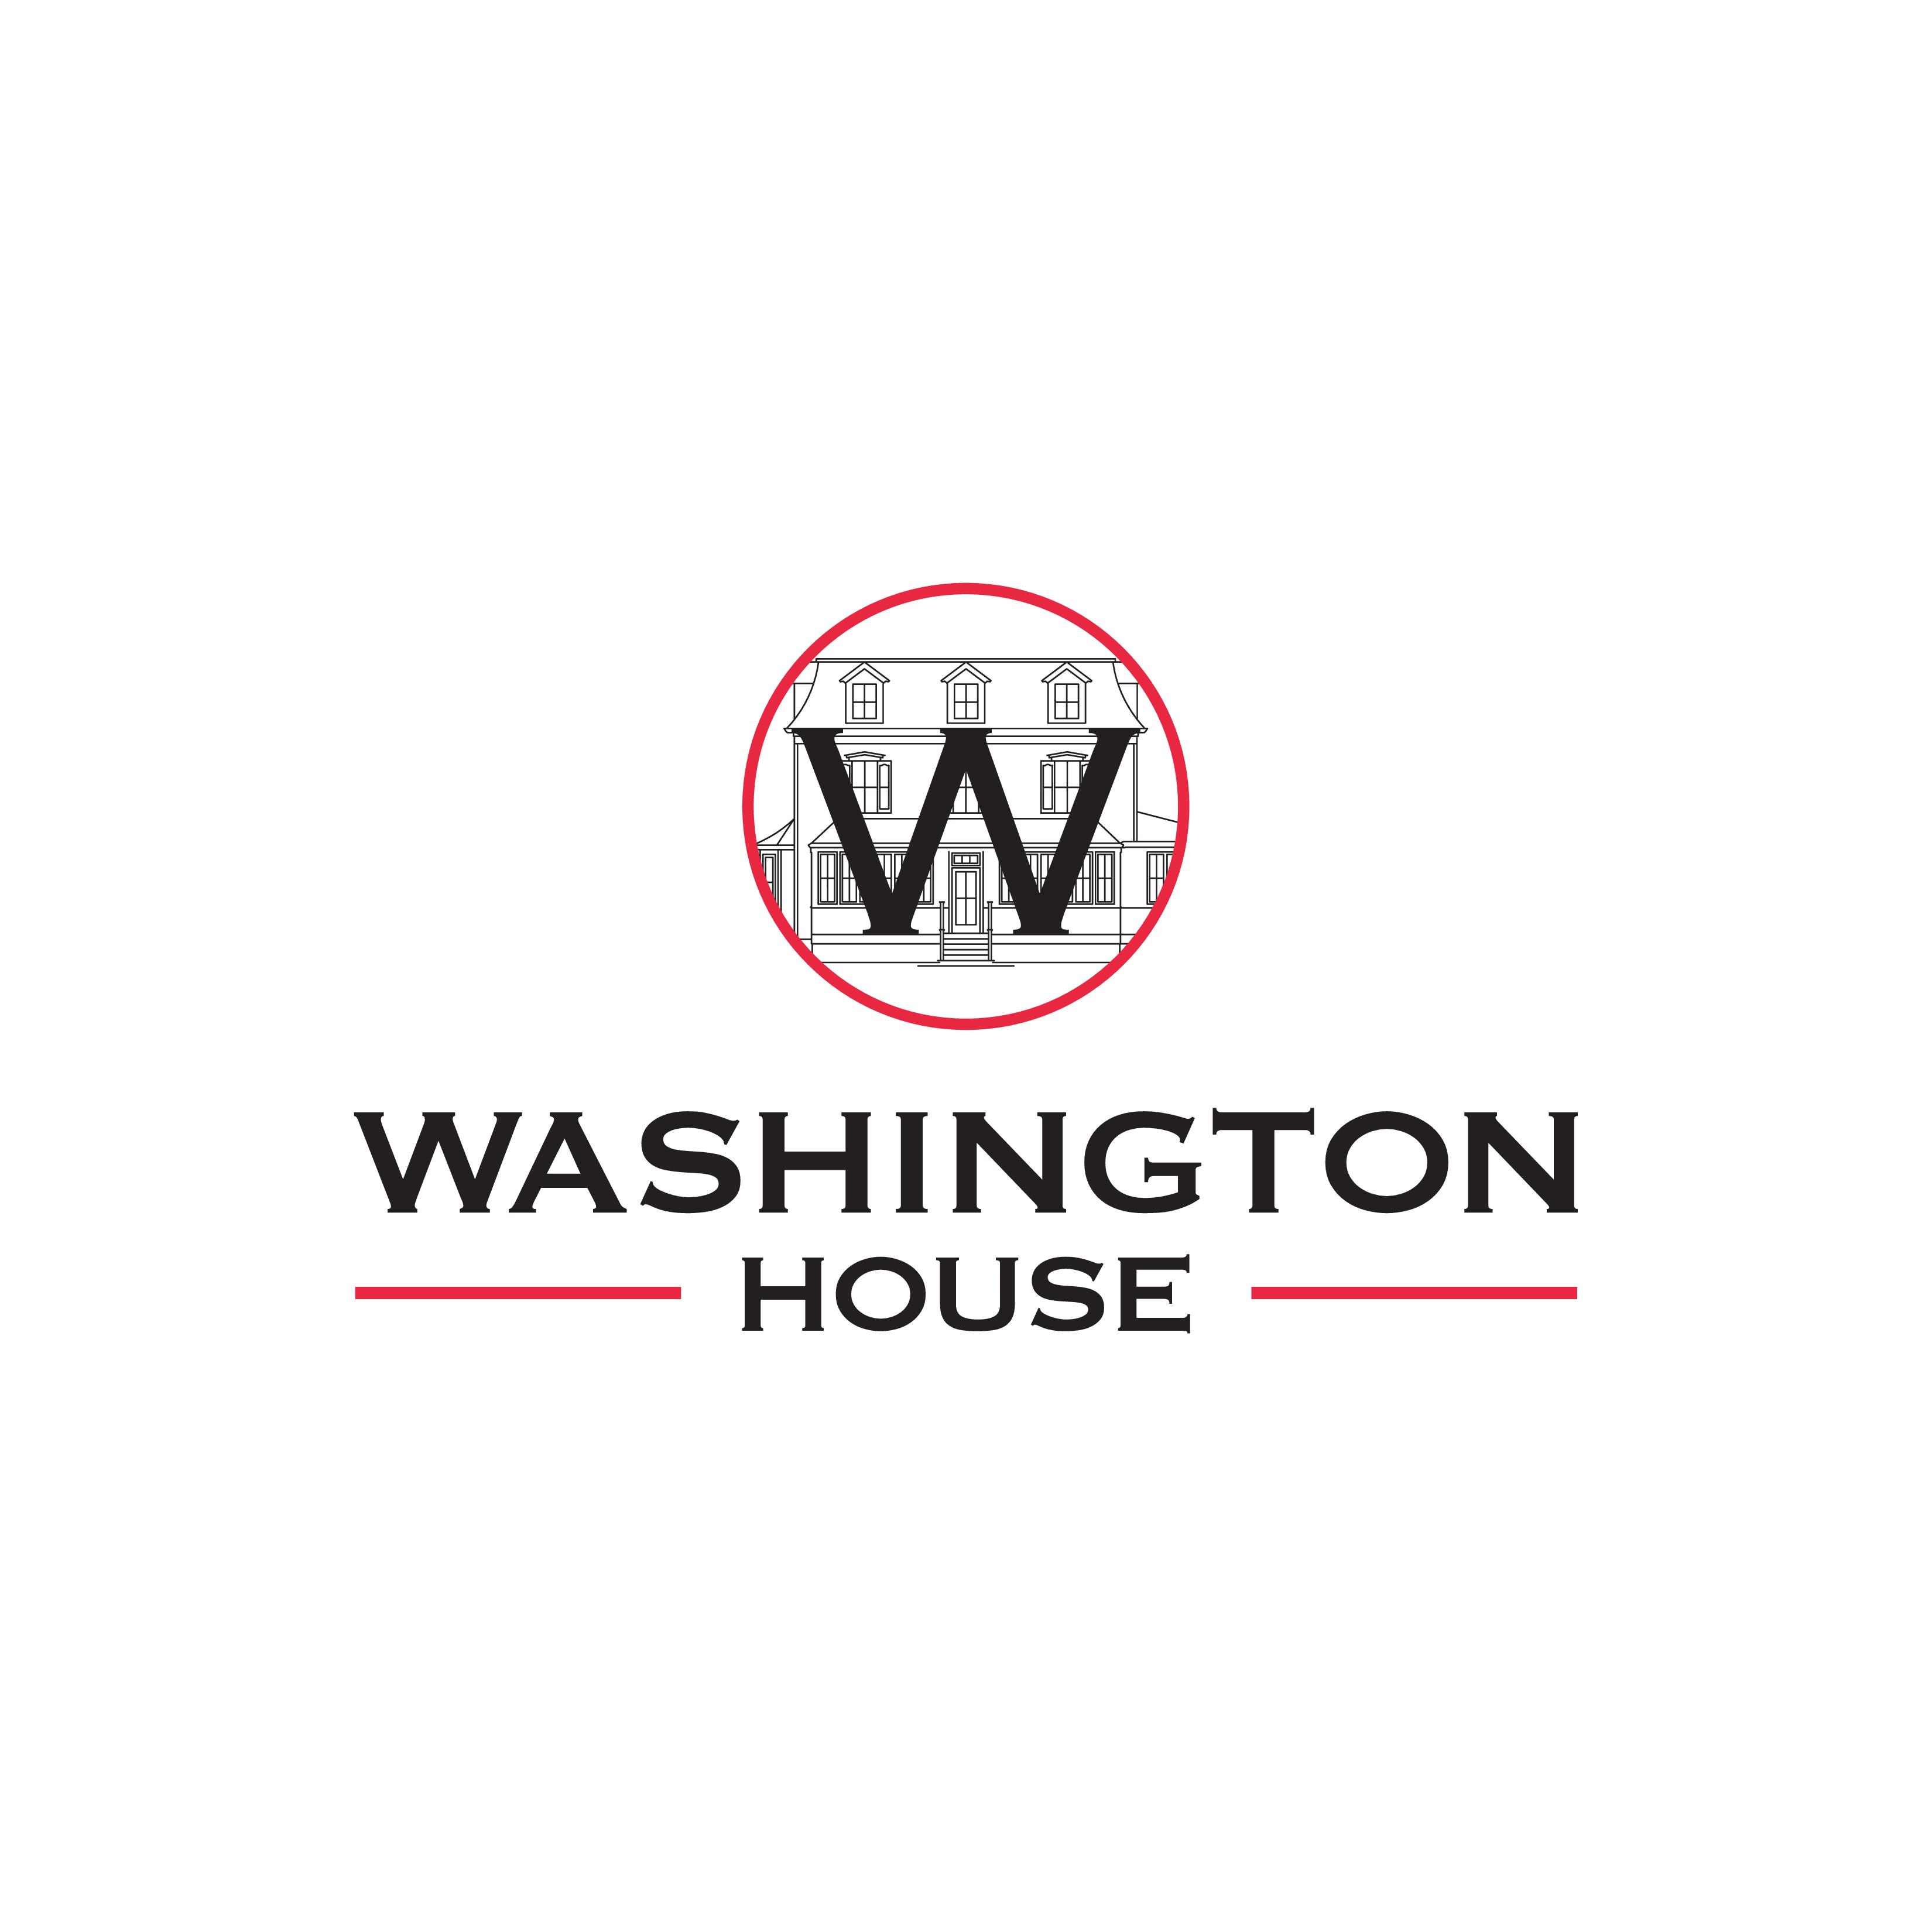 Washington House image 5